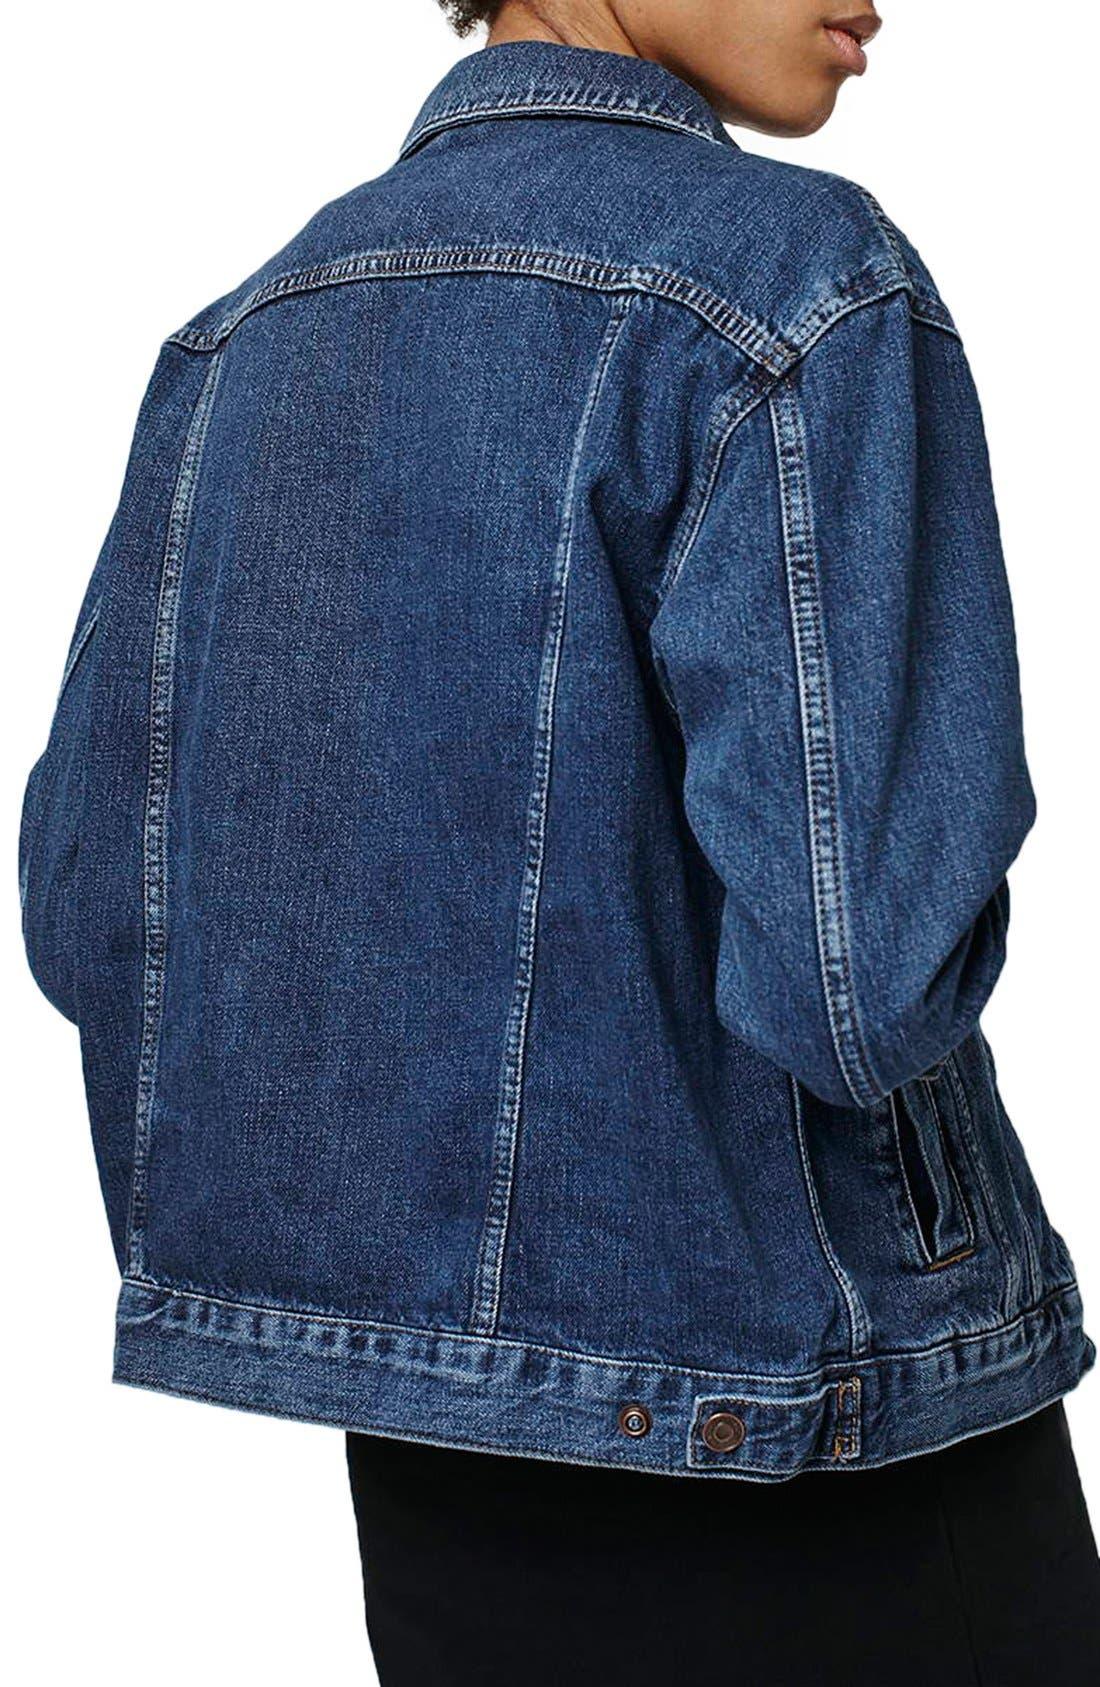 Alternate Image 3  - Topshop Patch Oversize Denim Jacket